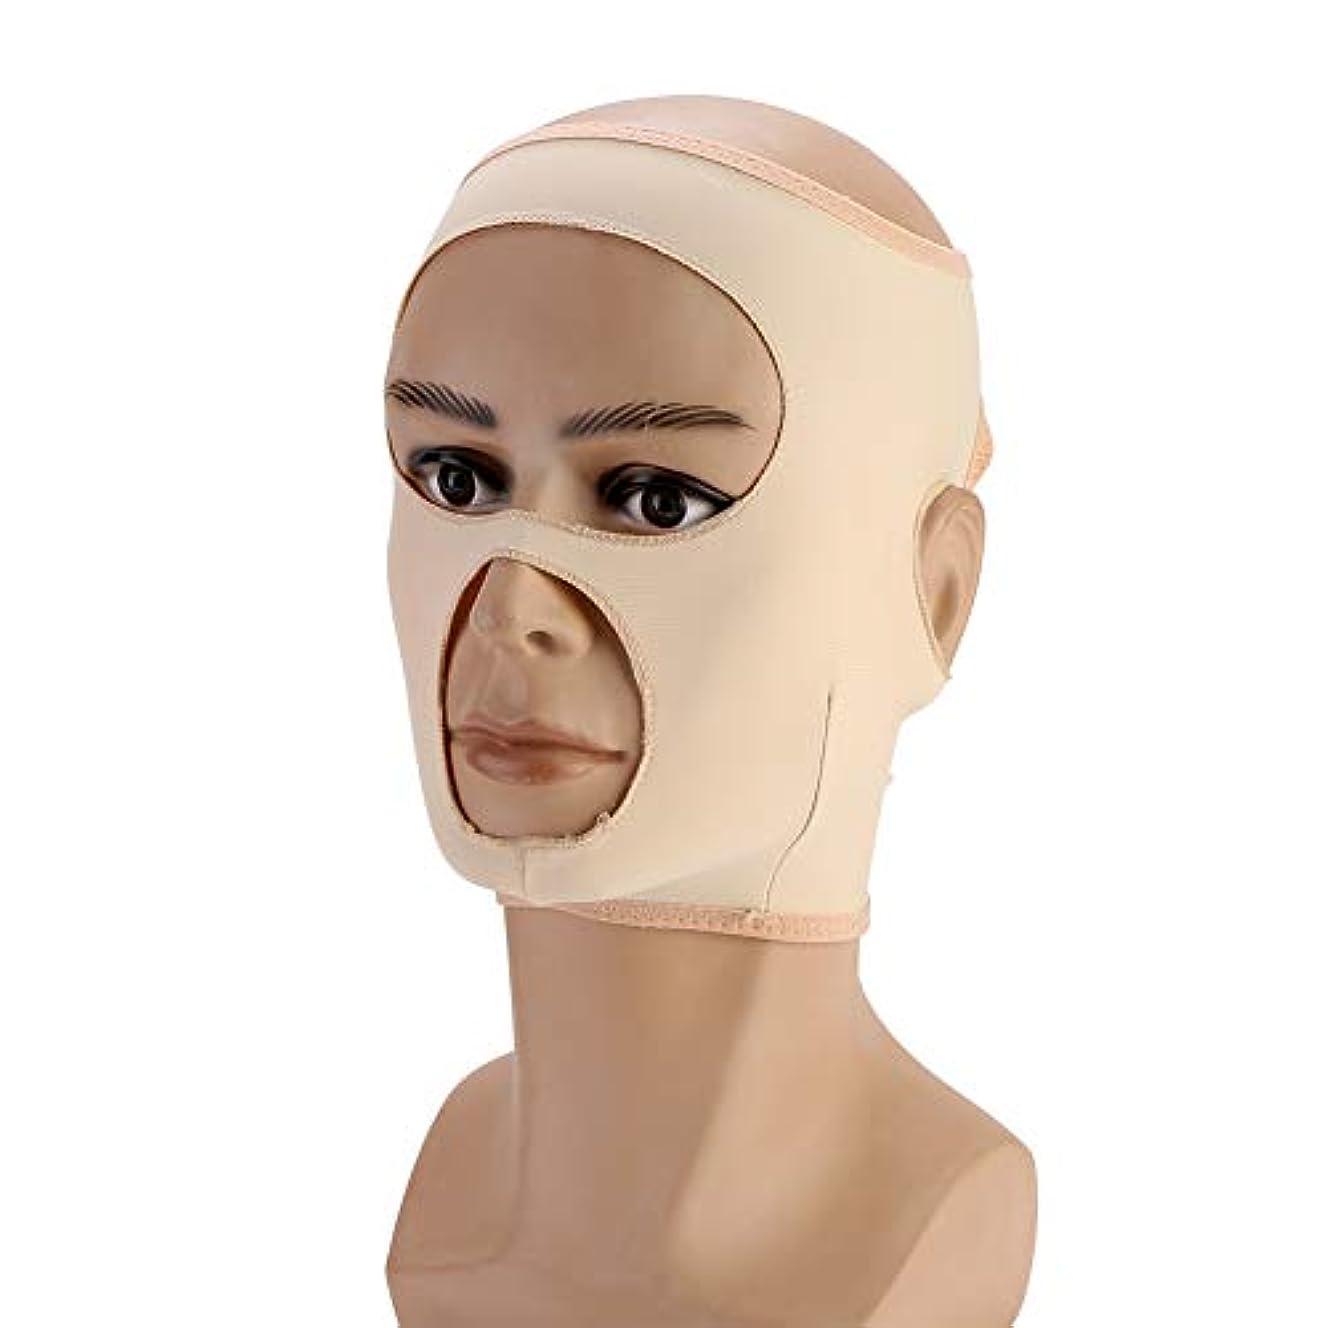 有効開拓者間違えたフェイス包帯 フェイシャルケア 小顔 美顔 Vライン 顔輪郭改善 美容包帯 通気性/伸縮性/自動調整バックル フェイシャル マスク フェイスラインスリムアップベルト(M)